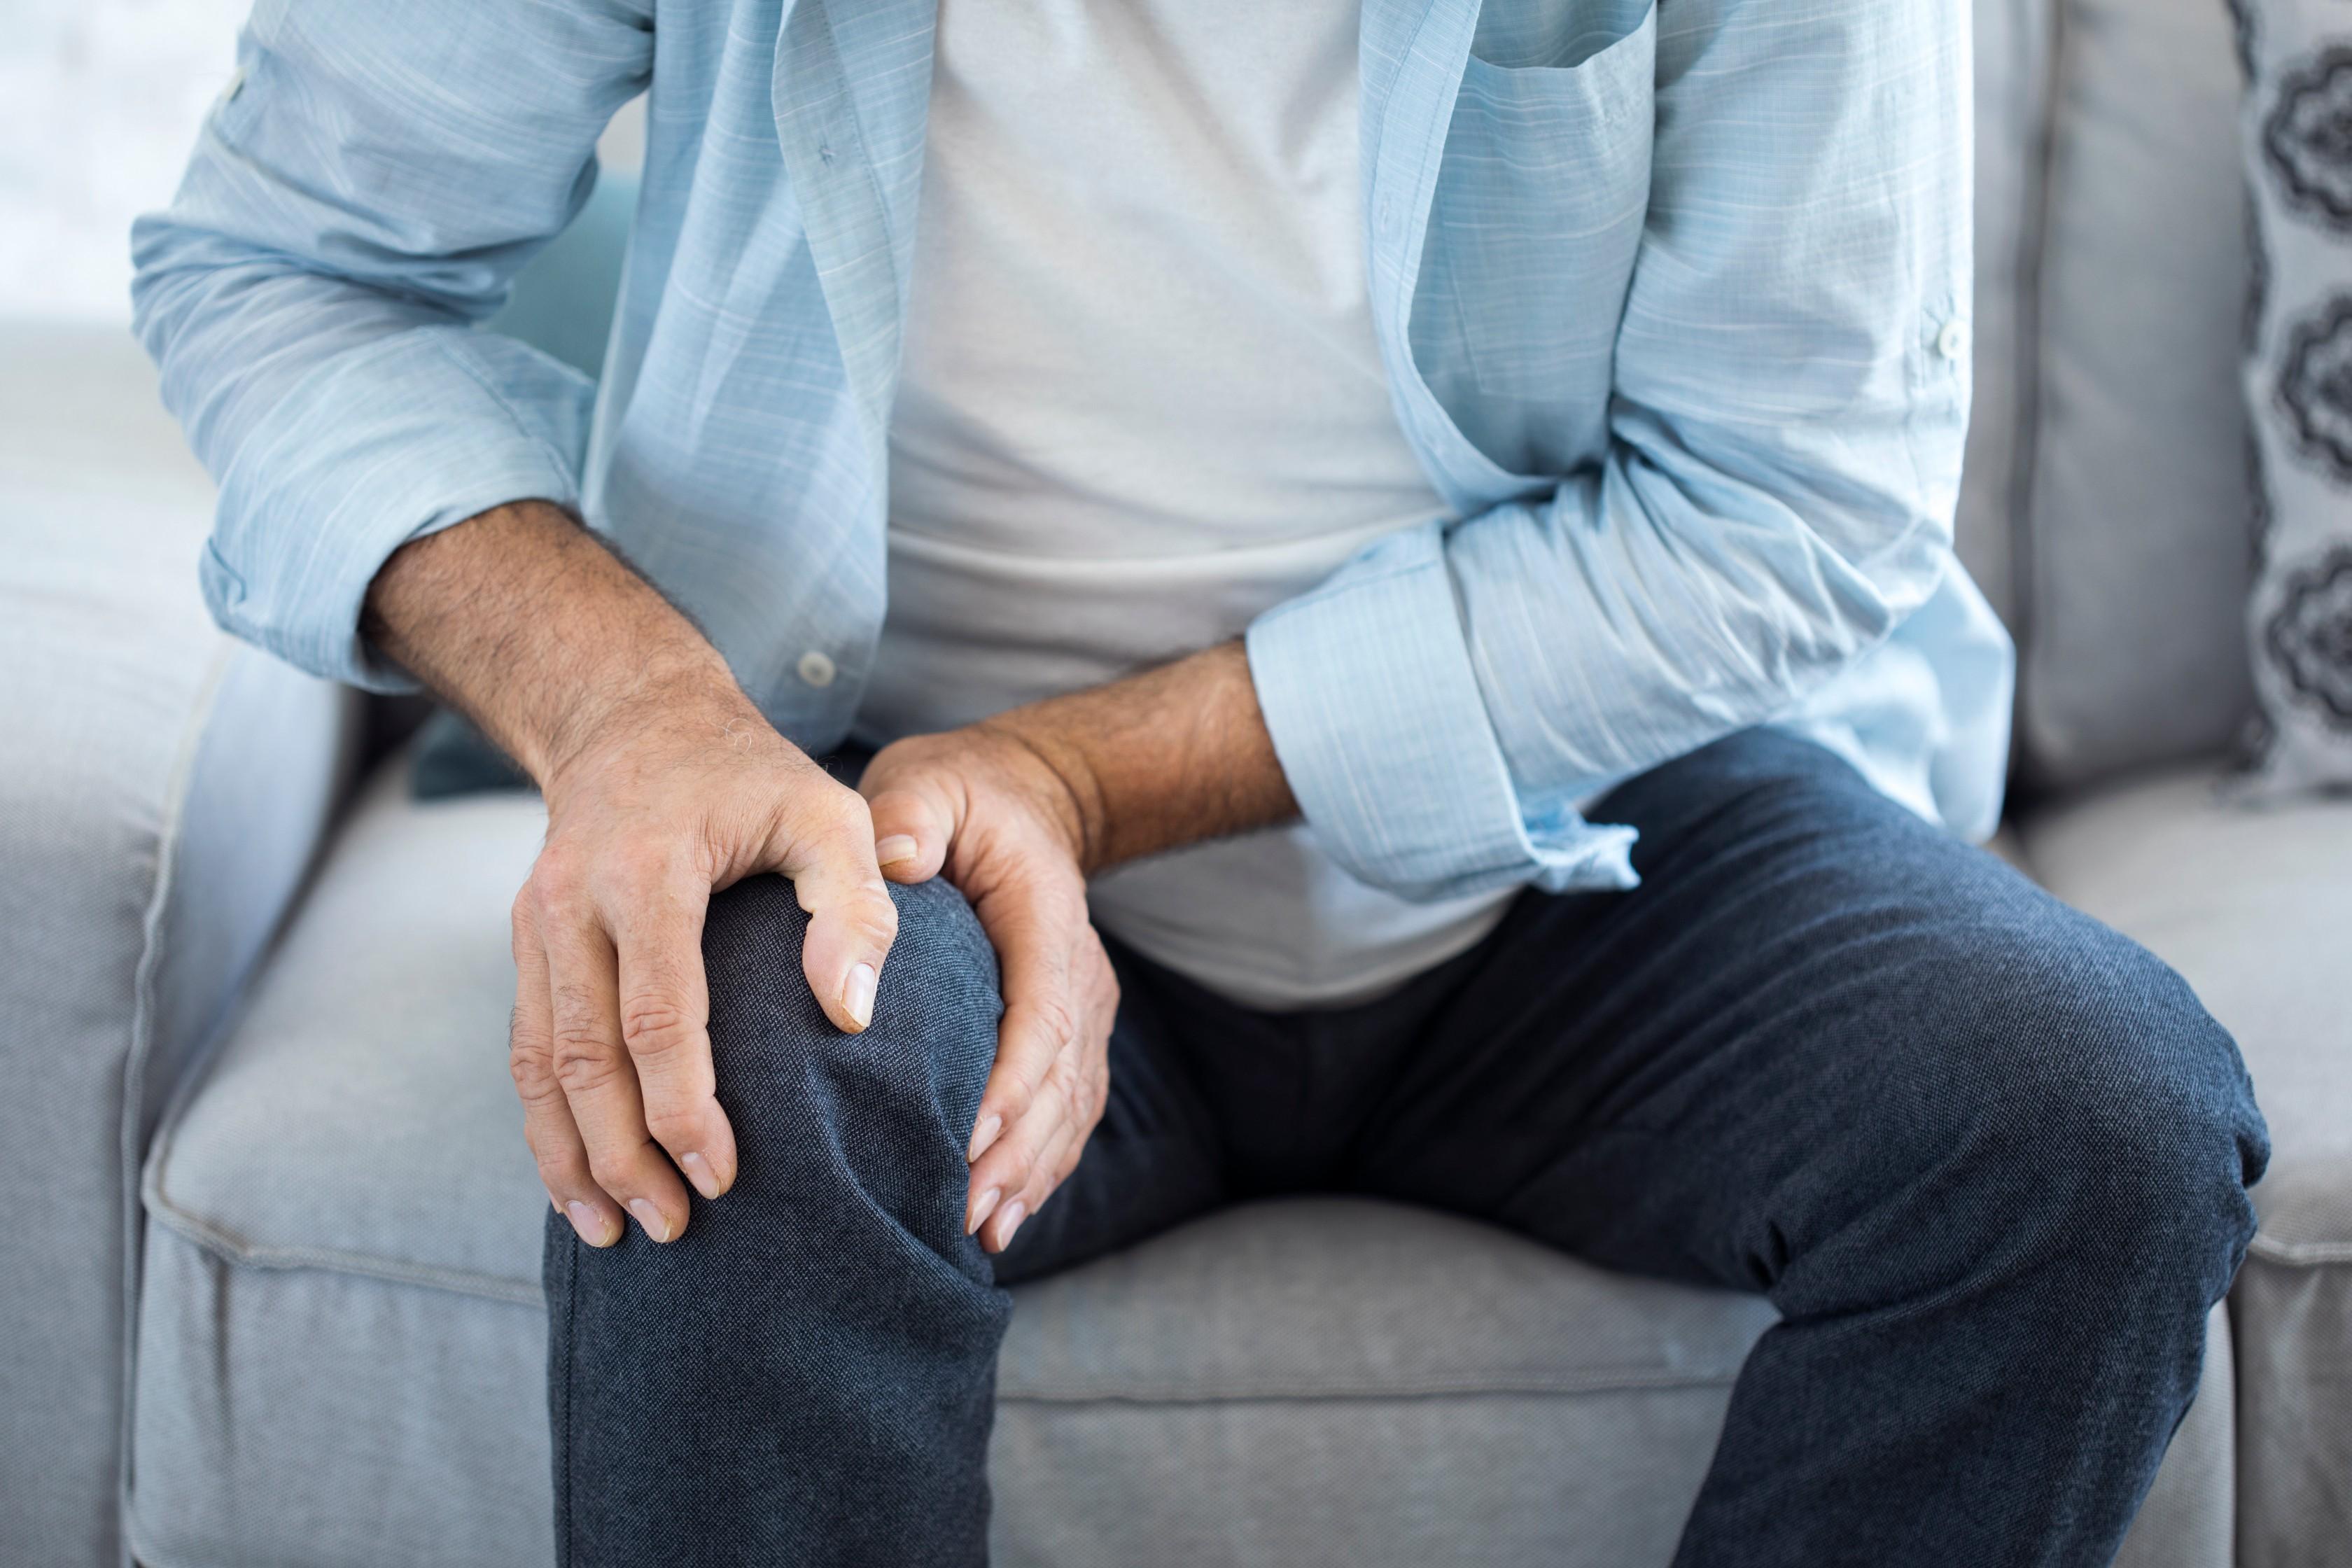 lazarev ízületi fájdalom távolítsa el a vállízület fájdalmát